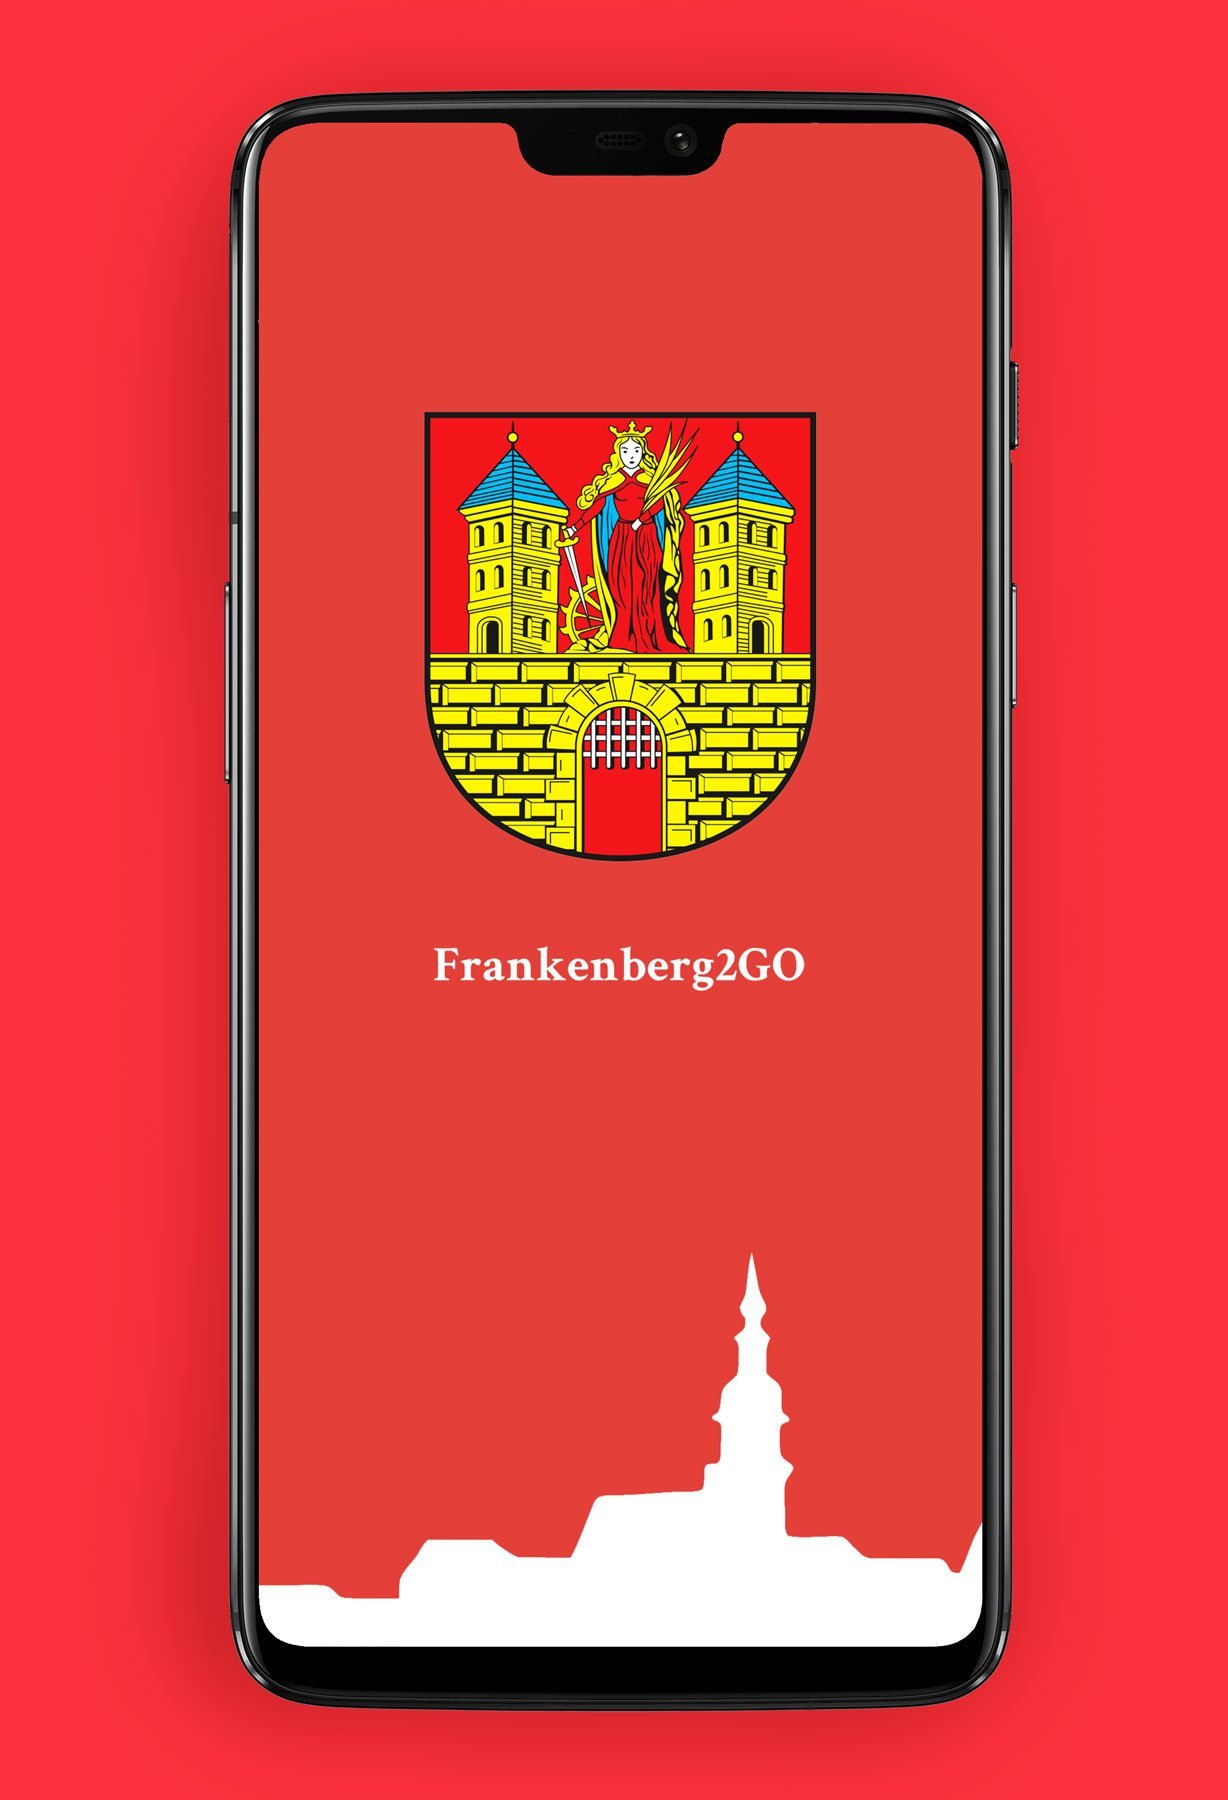 Fra2GO-OnePlus_MockUp.jpg